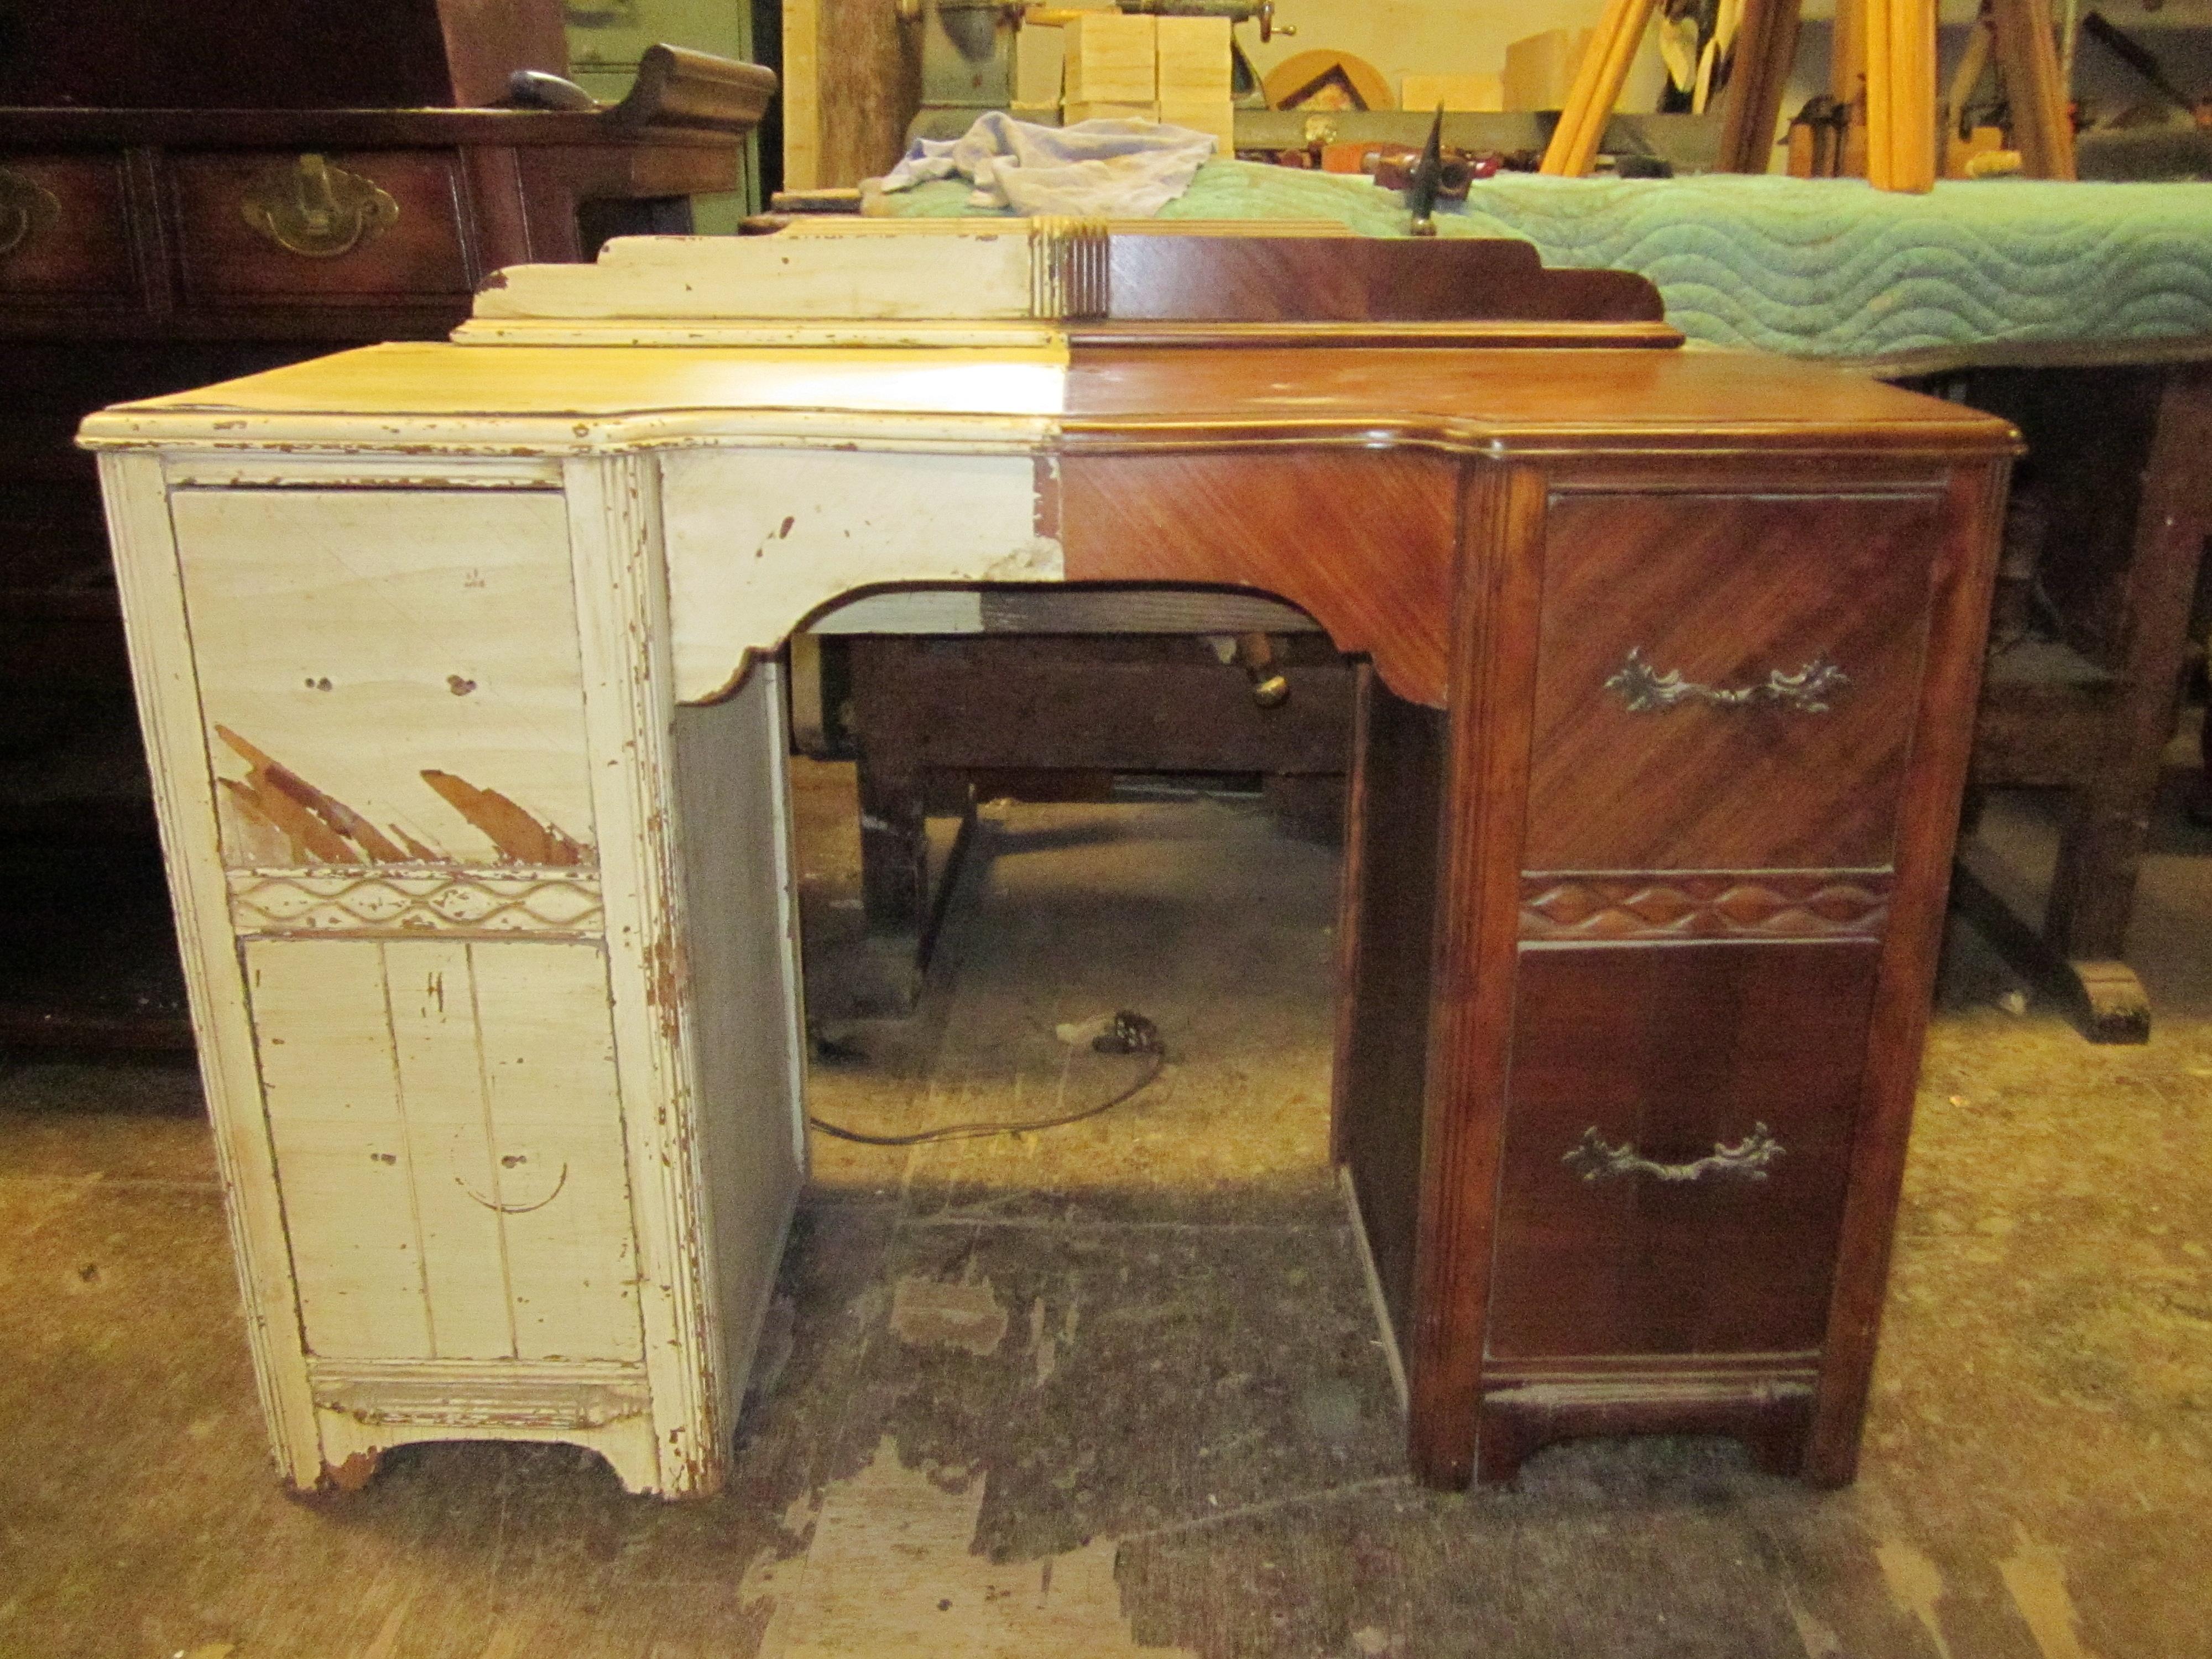 TLC Furniture Stripping Refinishing Boynton Beach FL YPcom - Furniture restoration